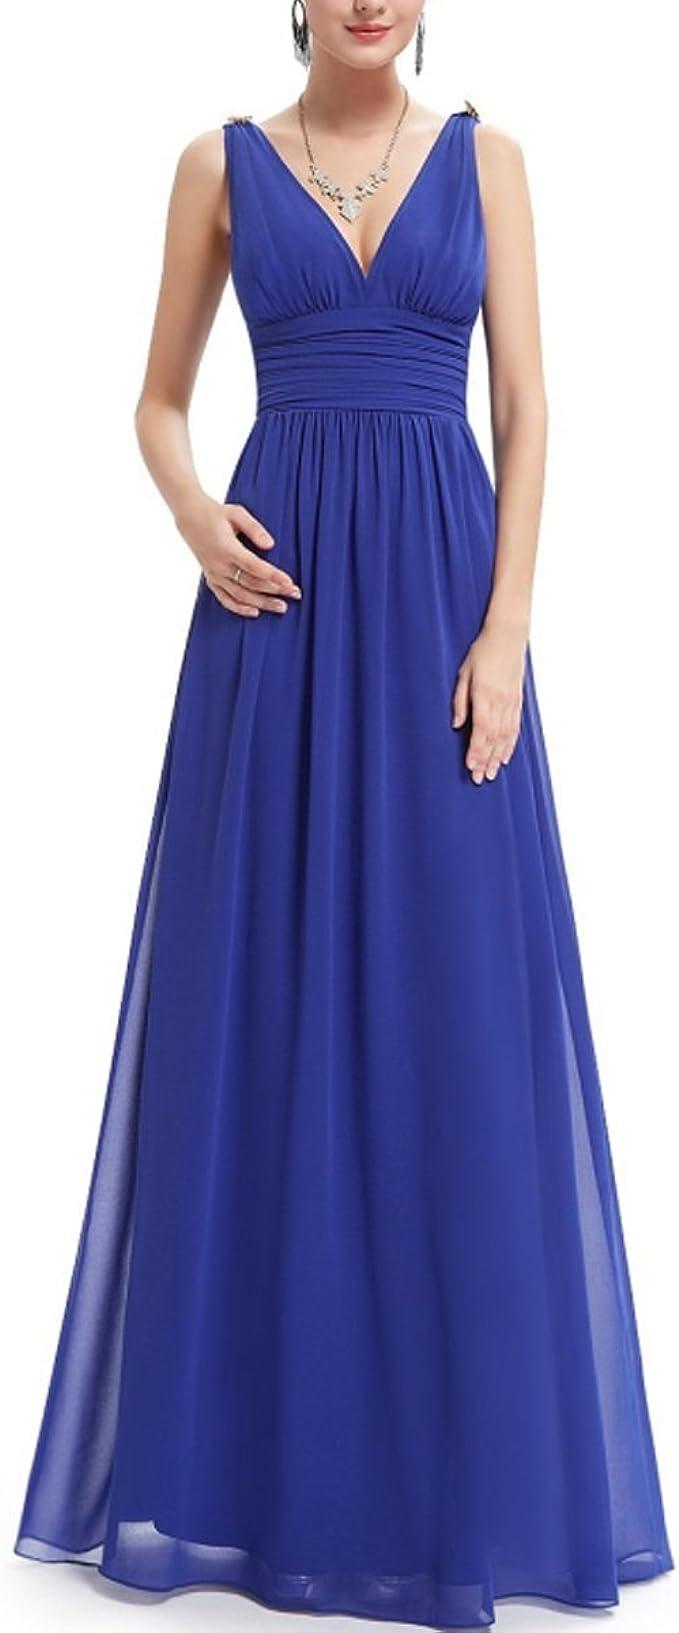 Kaxidy Damen Abendkleider Lang Armellos Lange Kleider Lang Chiffon Partykleider Amazon De Bekleidung